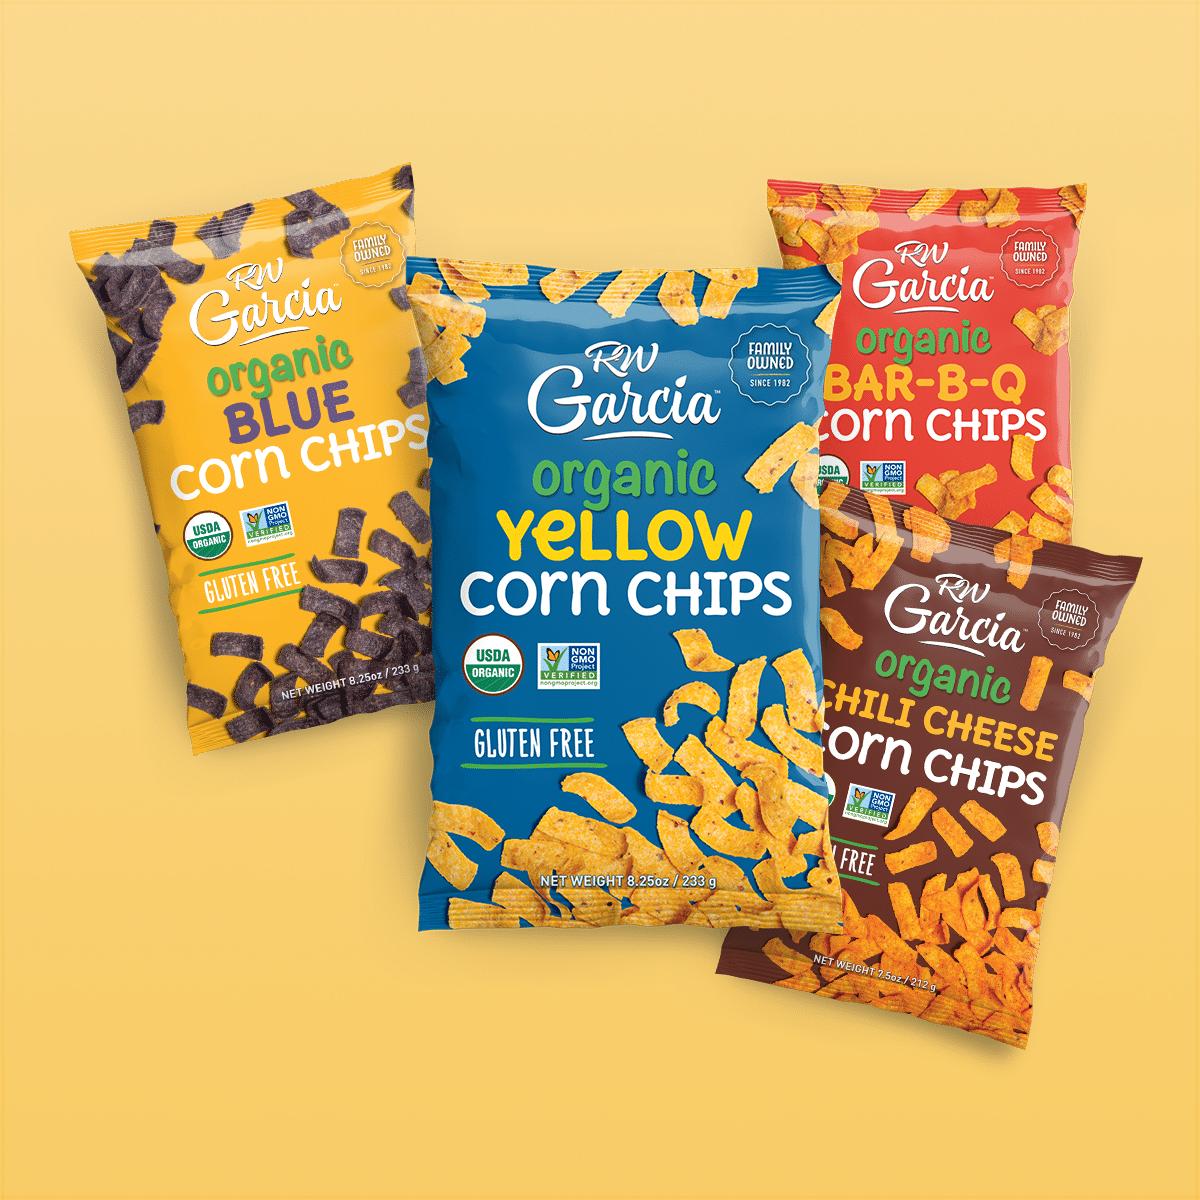 RW Garcia Corn Chips